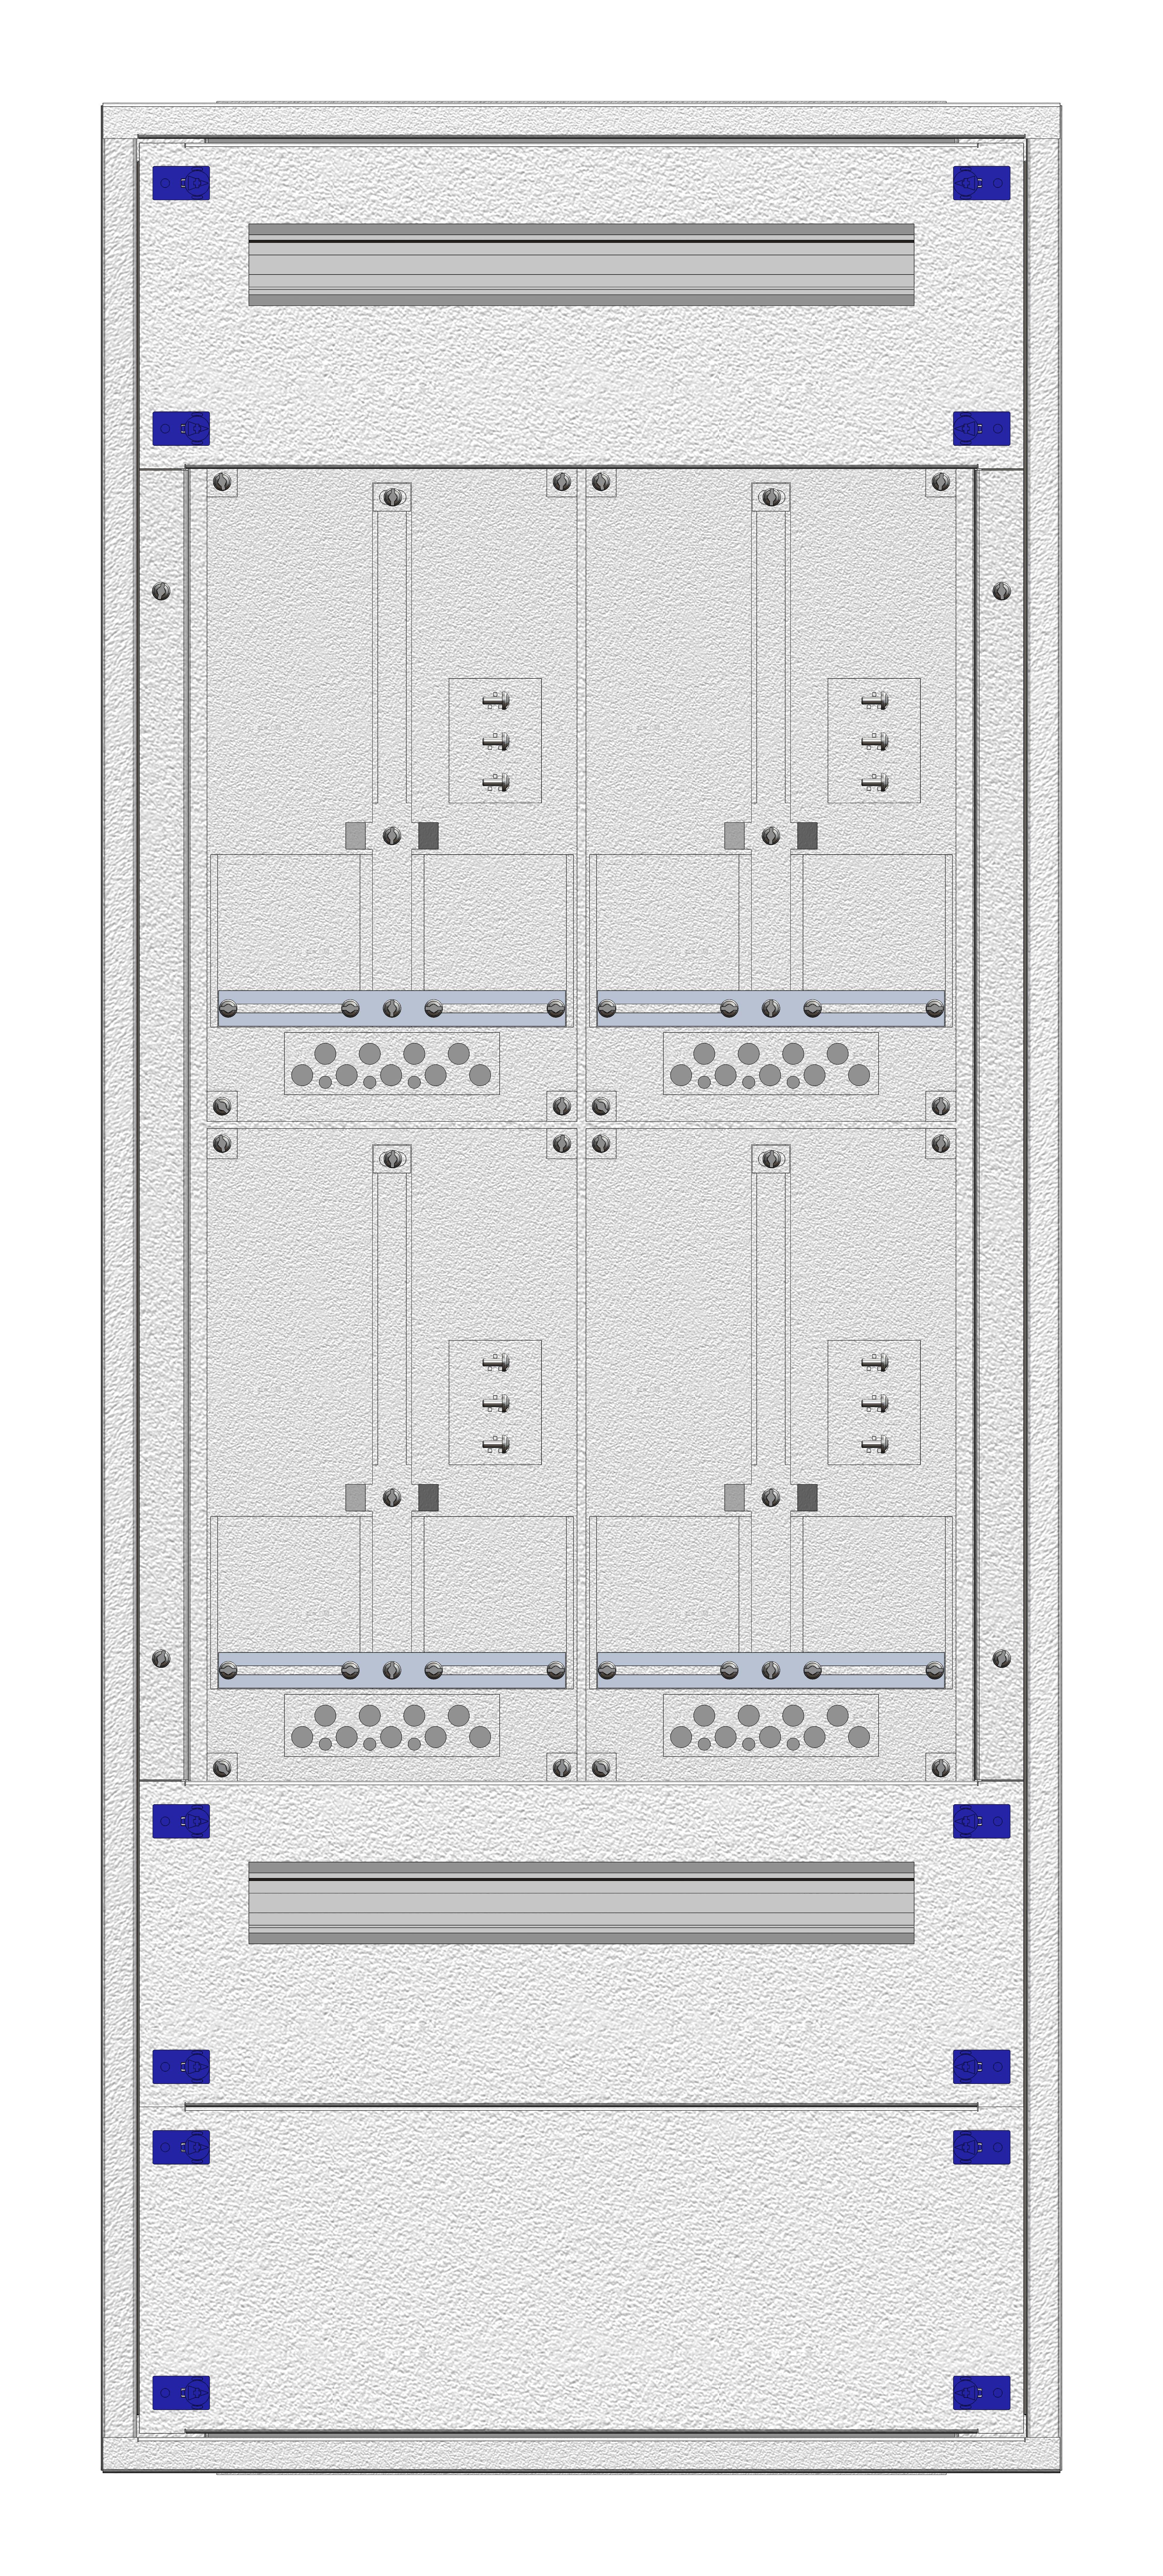 1 Stk Aufputz-Zählerverteiler 2A-28G/WIEN 4ZP, H1380B590T250mm IL162228WS